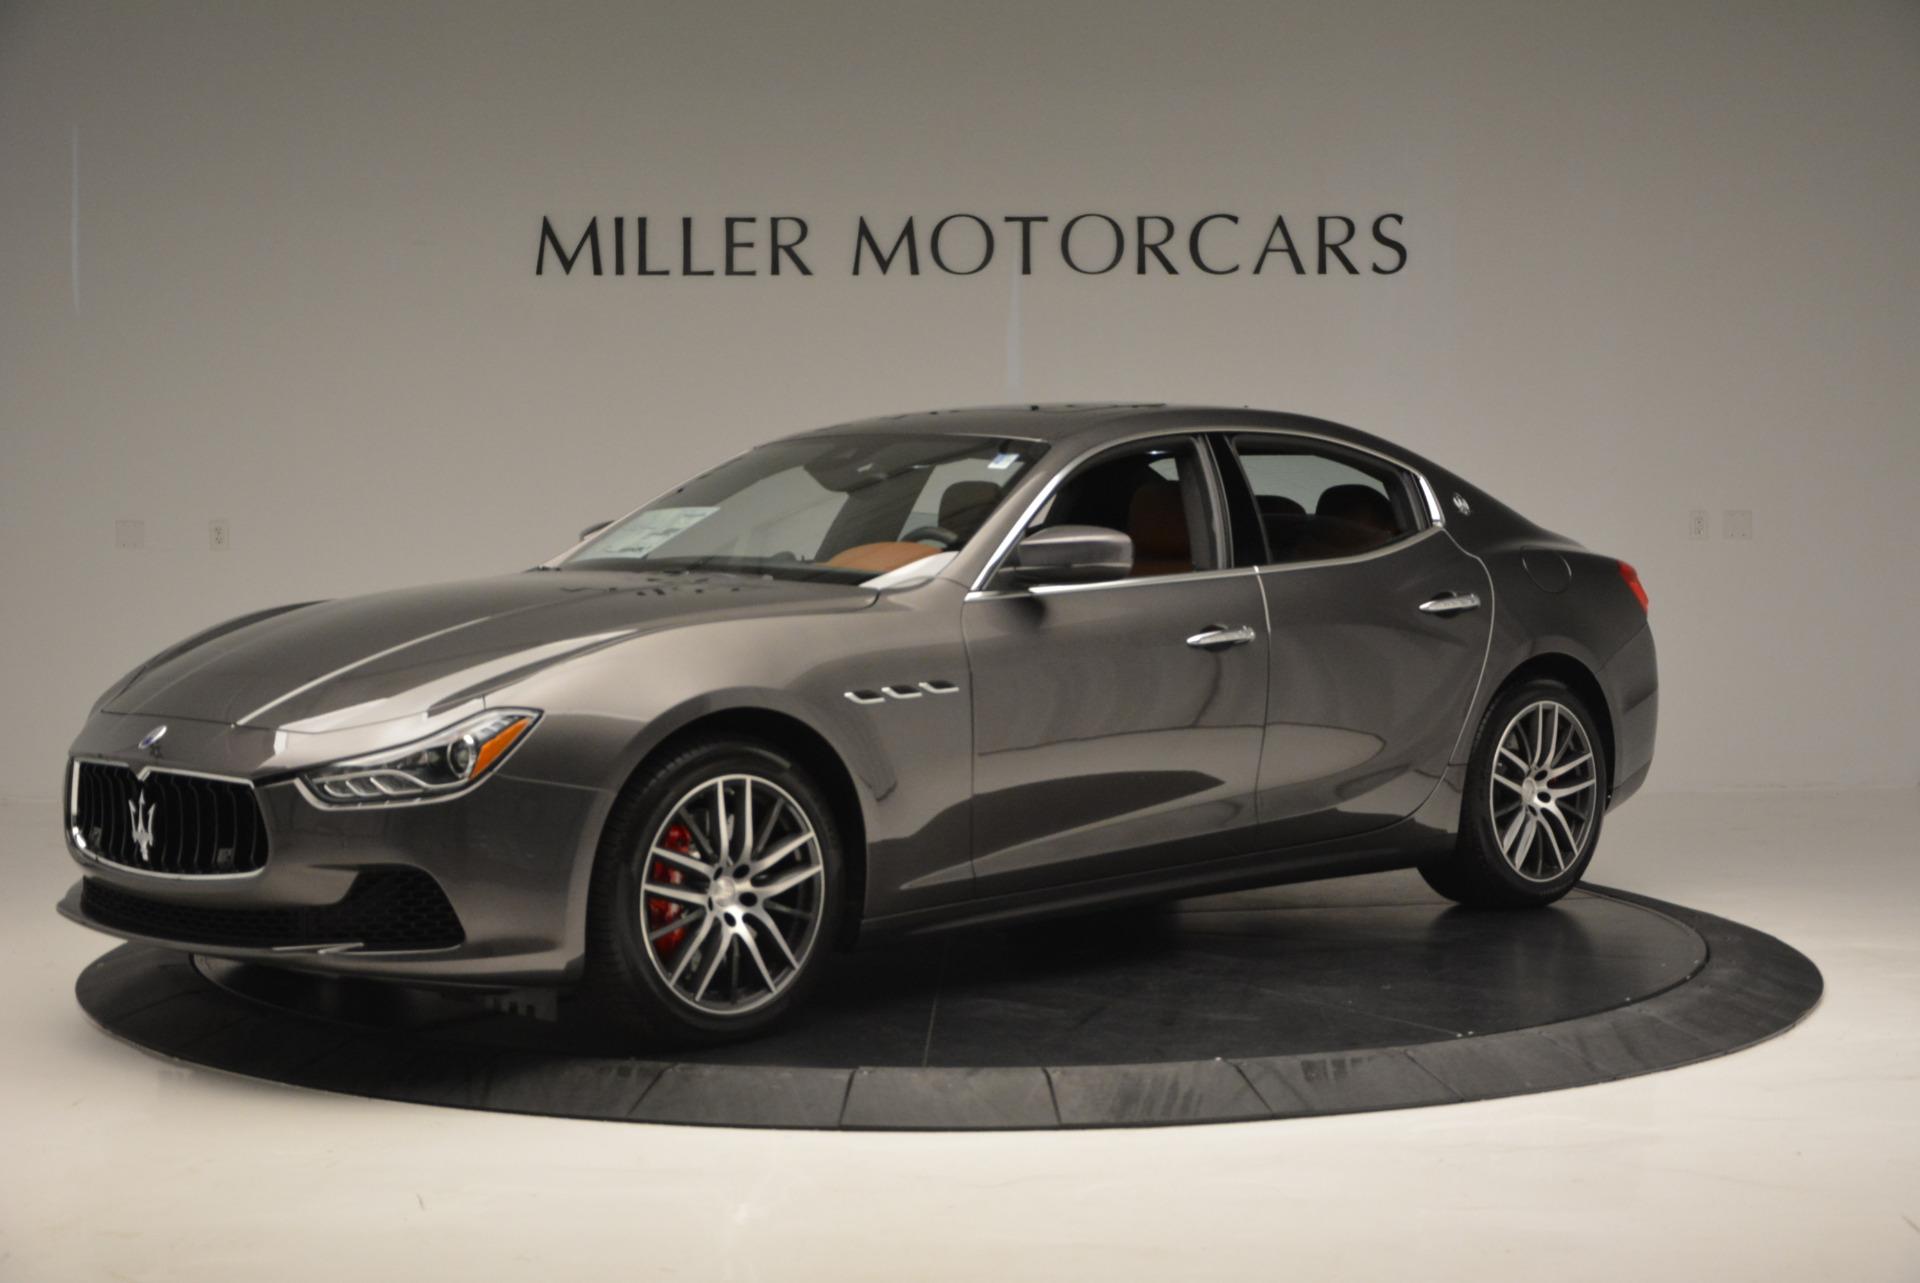 New 2017 Maserati Ghibli S Q4 For Sale In Greenwich, CT 573_p2